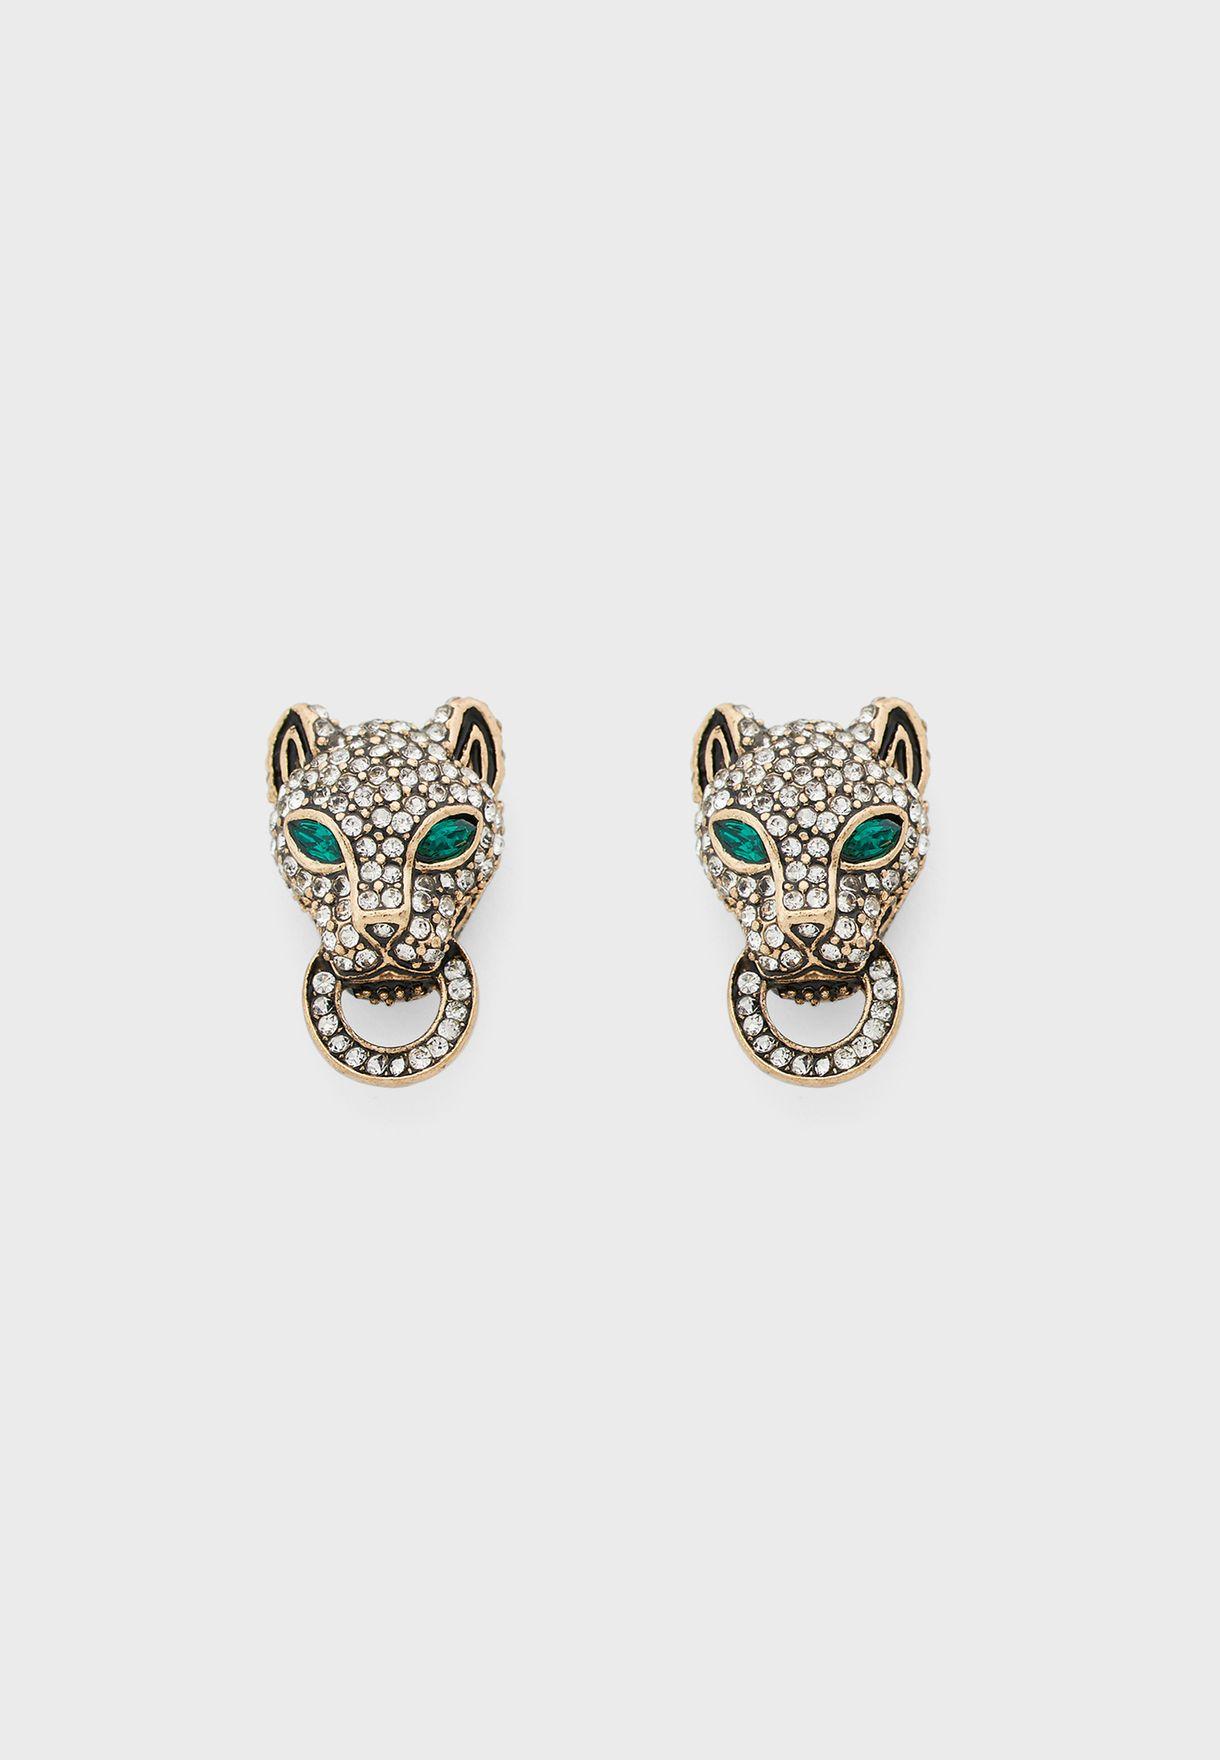 Rendawen Stud Earrings